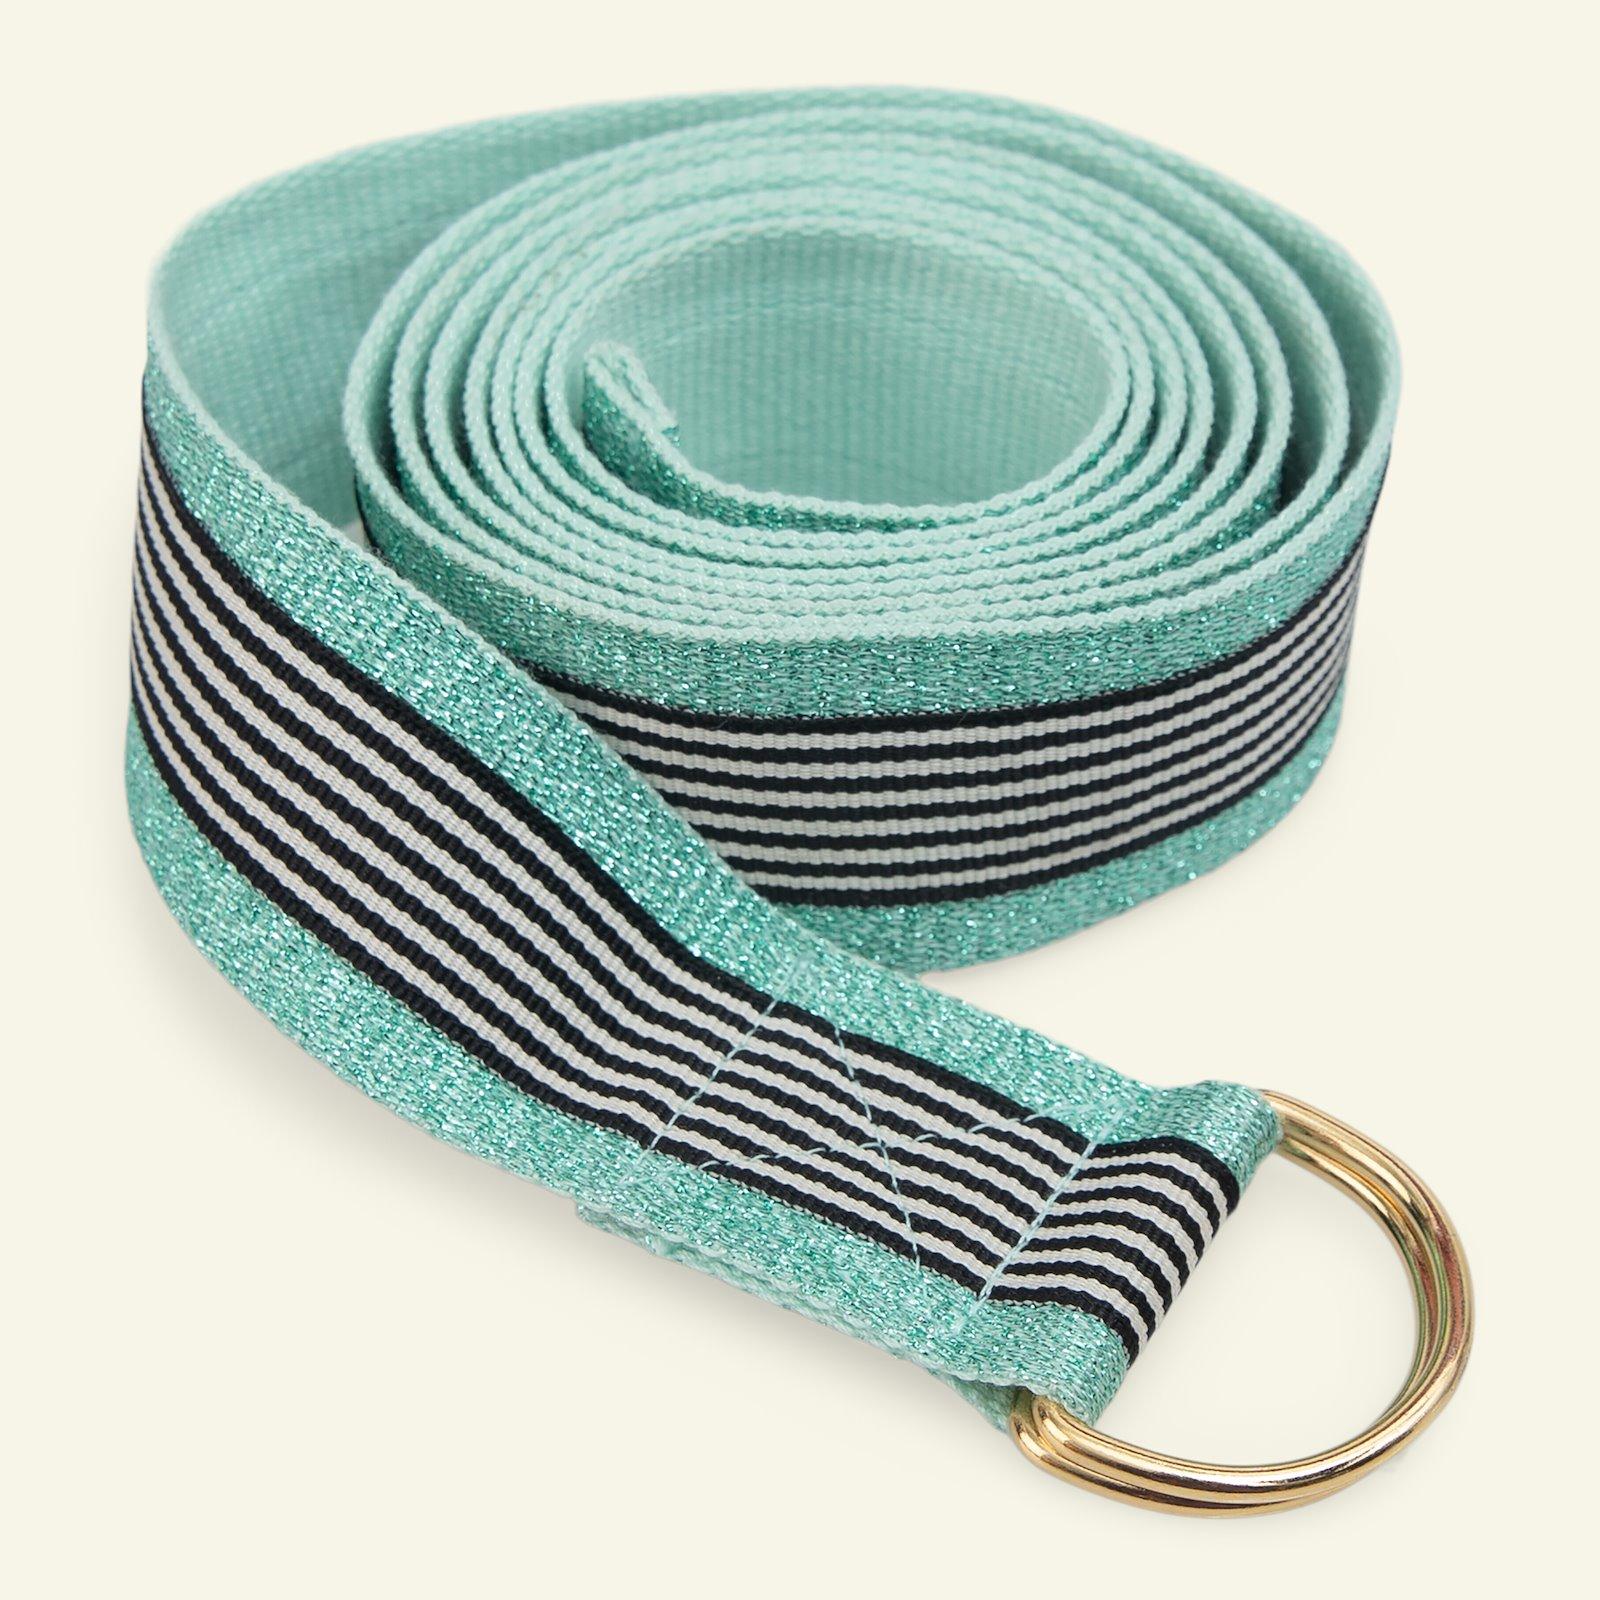 Ribbon woven 38mm mint/mint lurex 2m p1000000547_21360_21330_45519_sskit